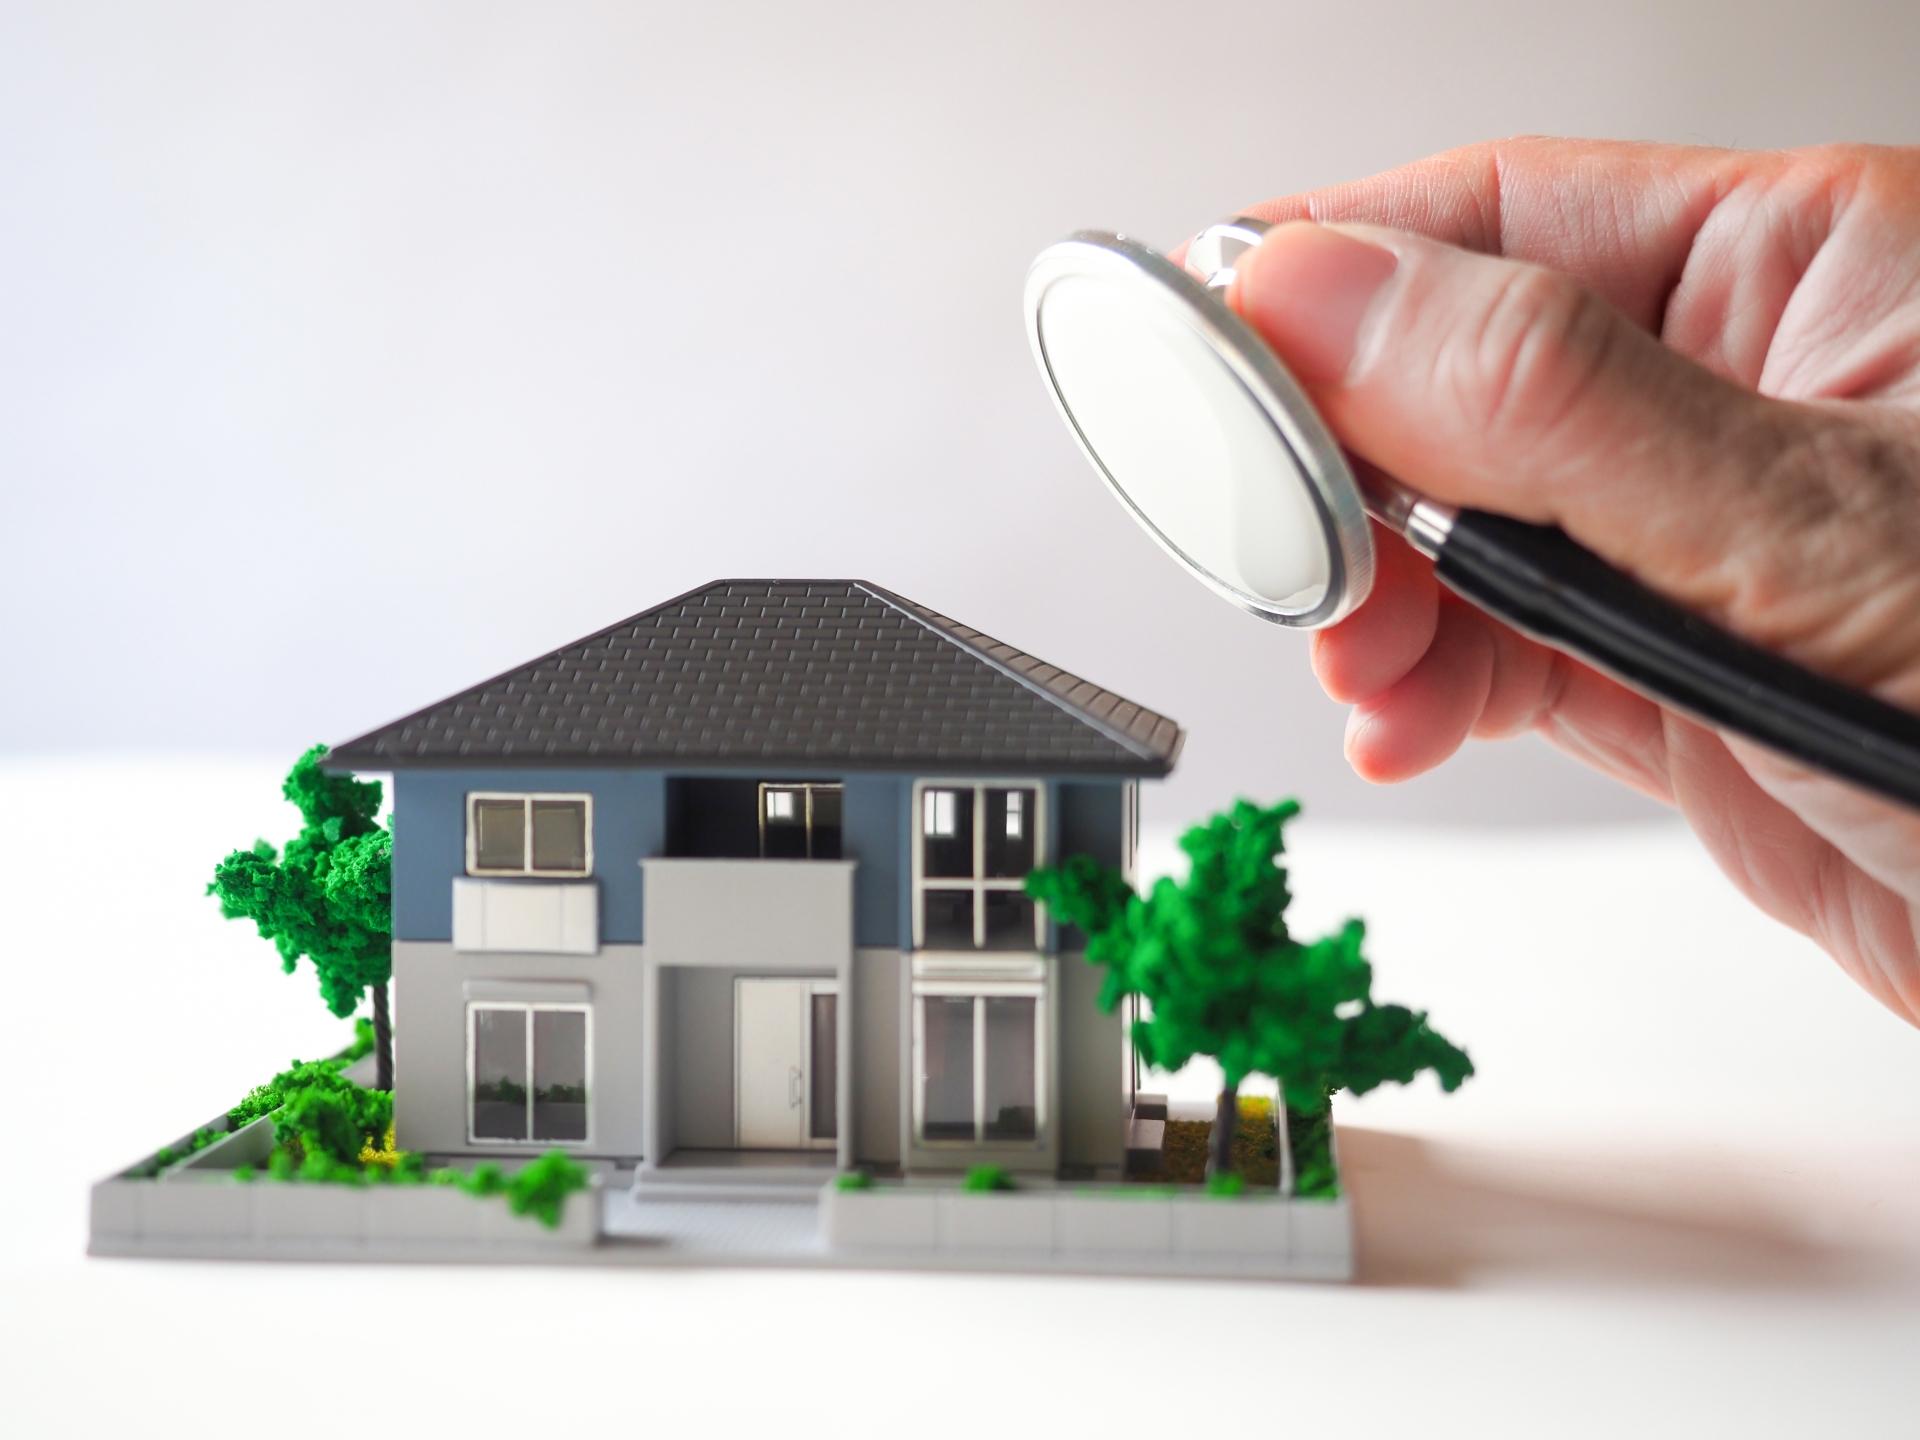 新築戸建て住宅の2年アフターサービス保証の活用が重要な2つの理由